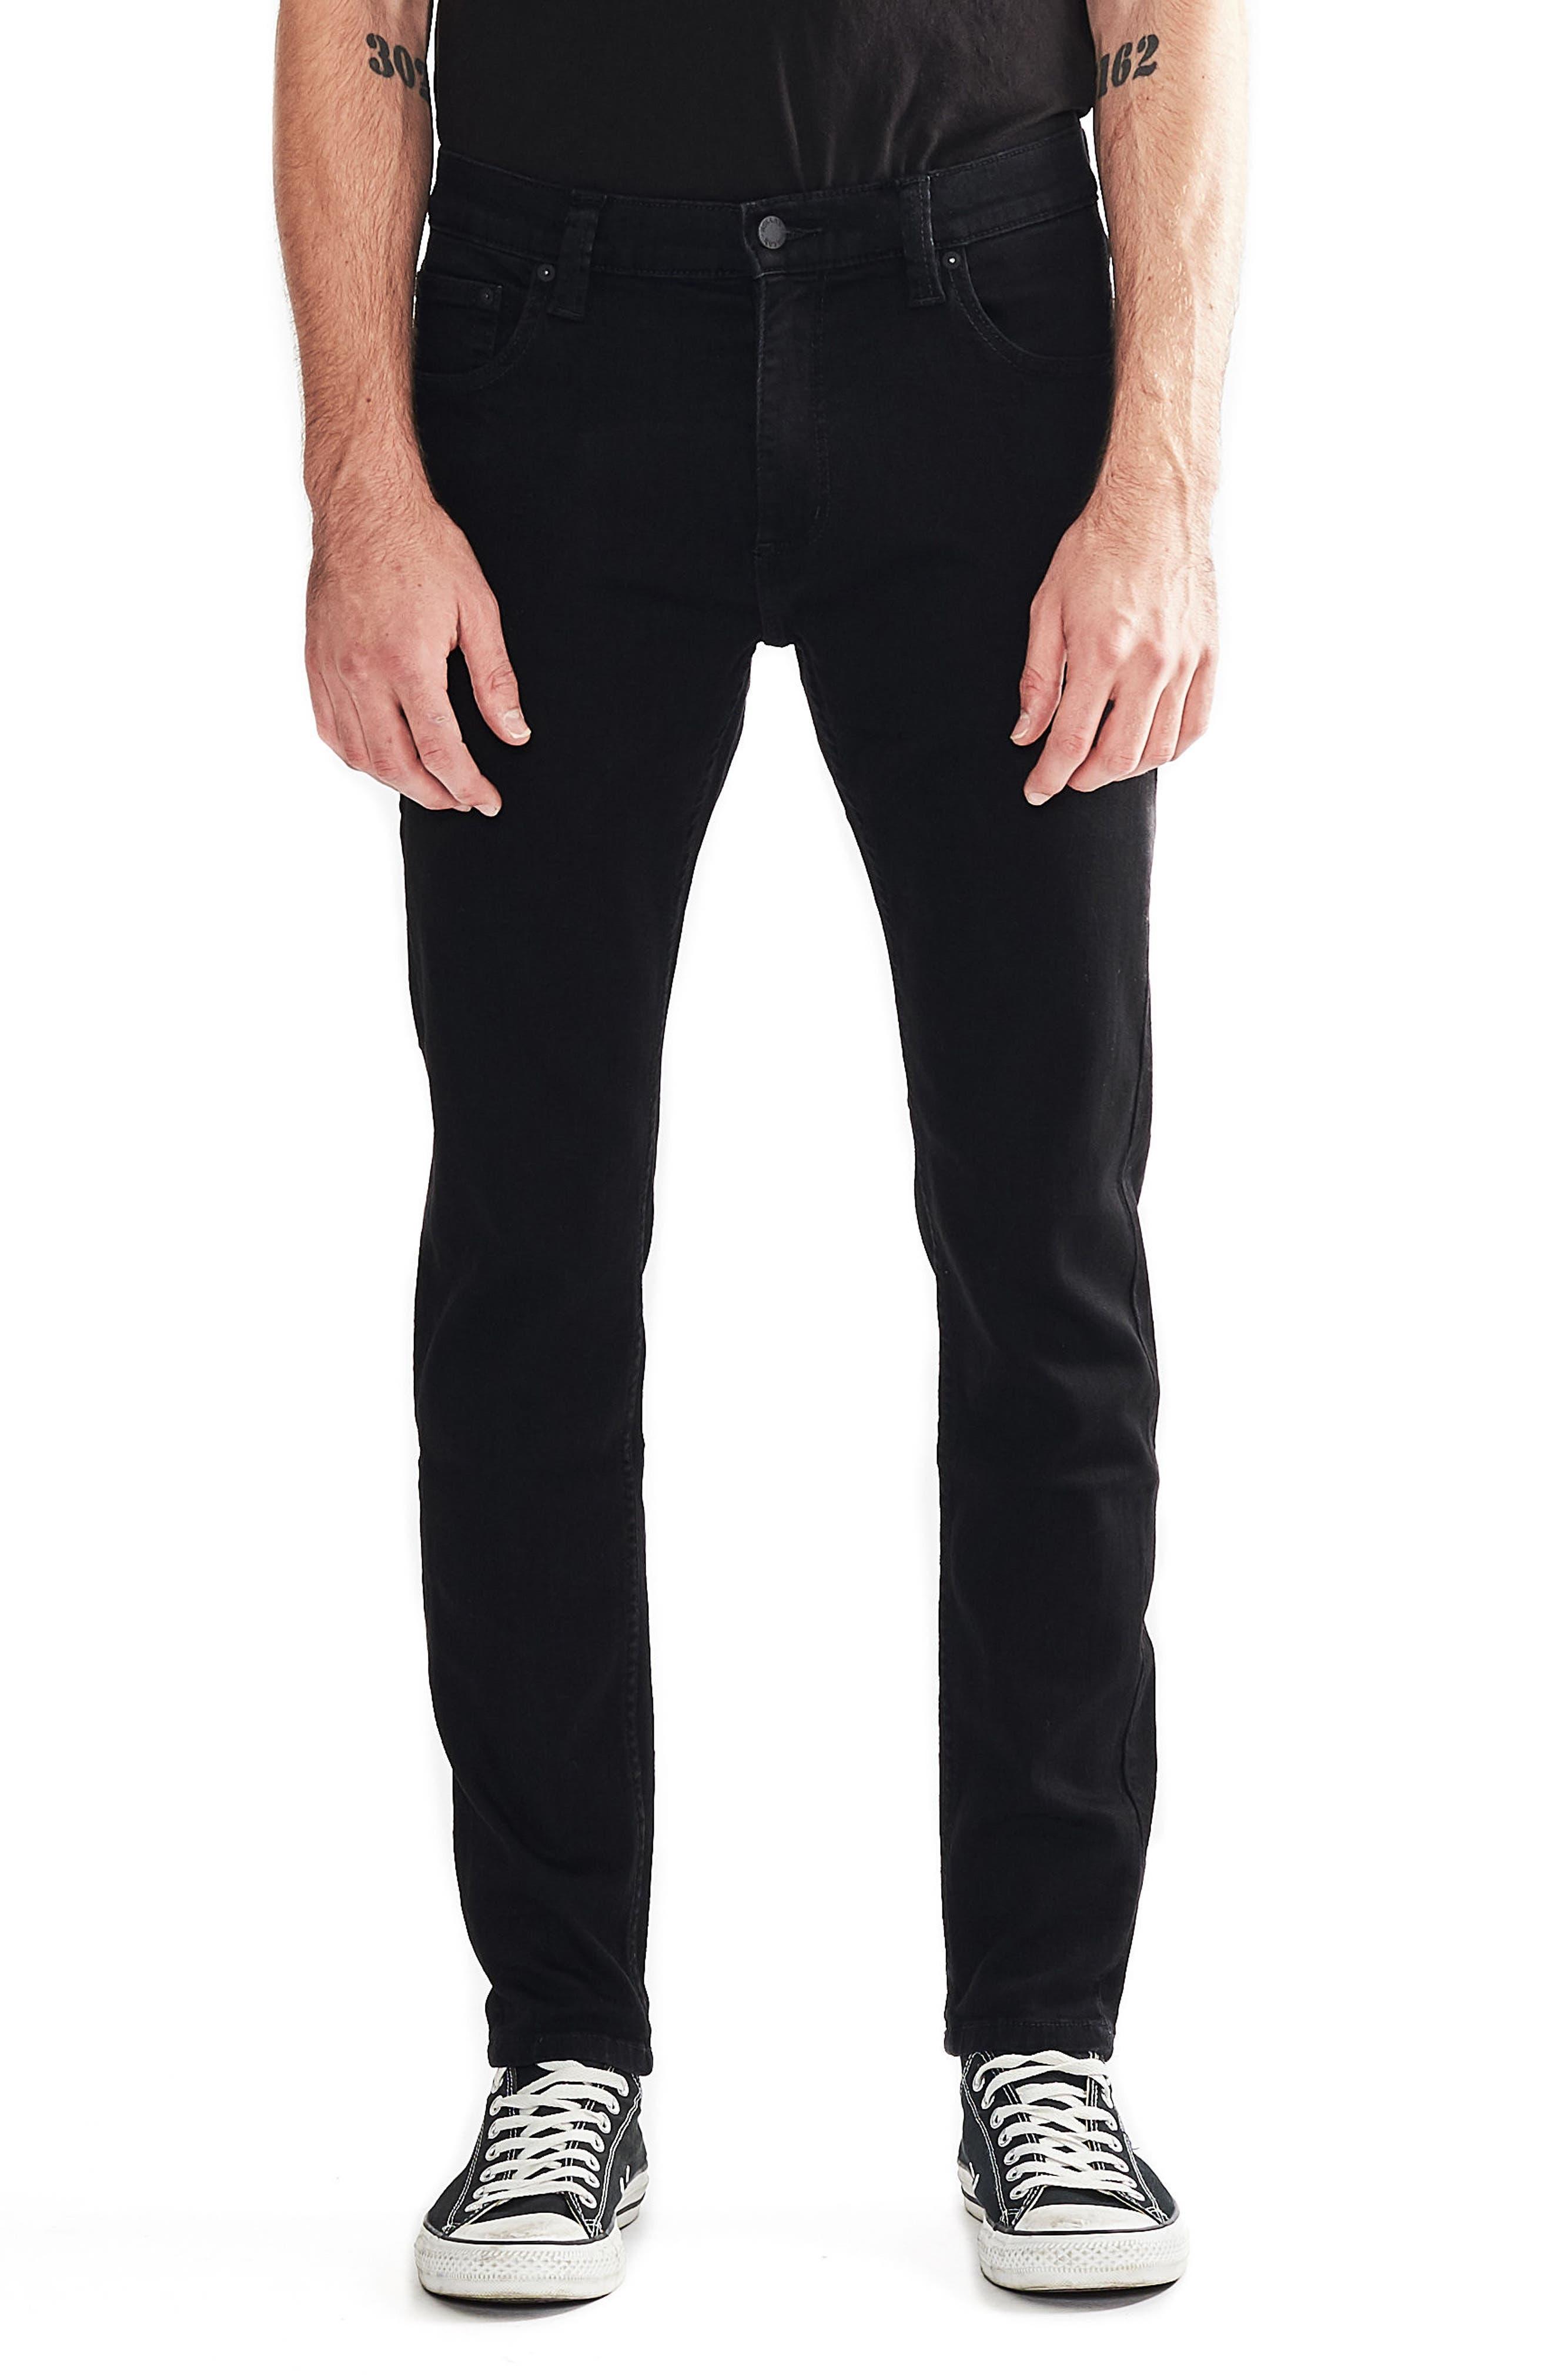 Stinger Skinny Fit Jeans,                         Main,                         color, Black Gold